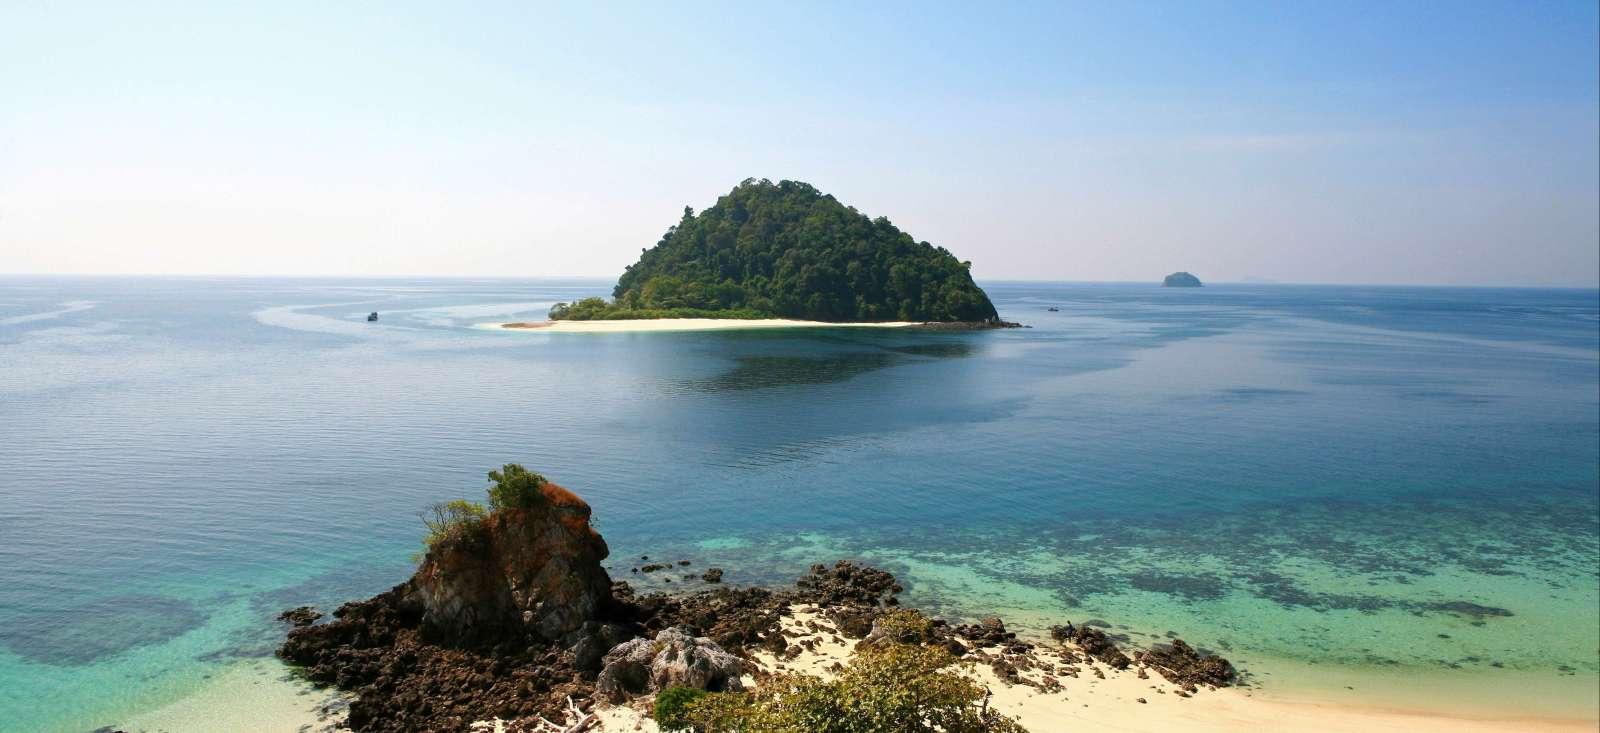 Voyage à pied : Croisière et exploration des iles Mergui